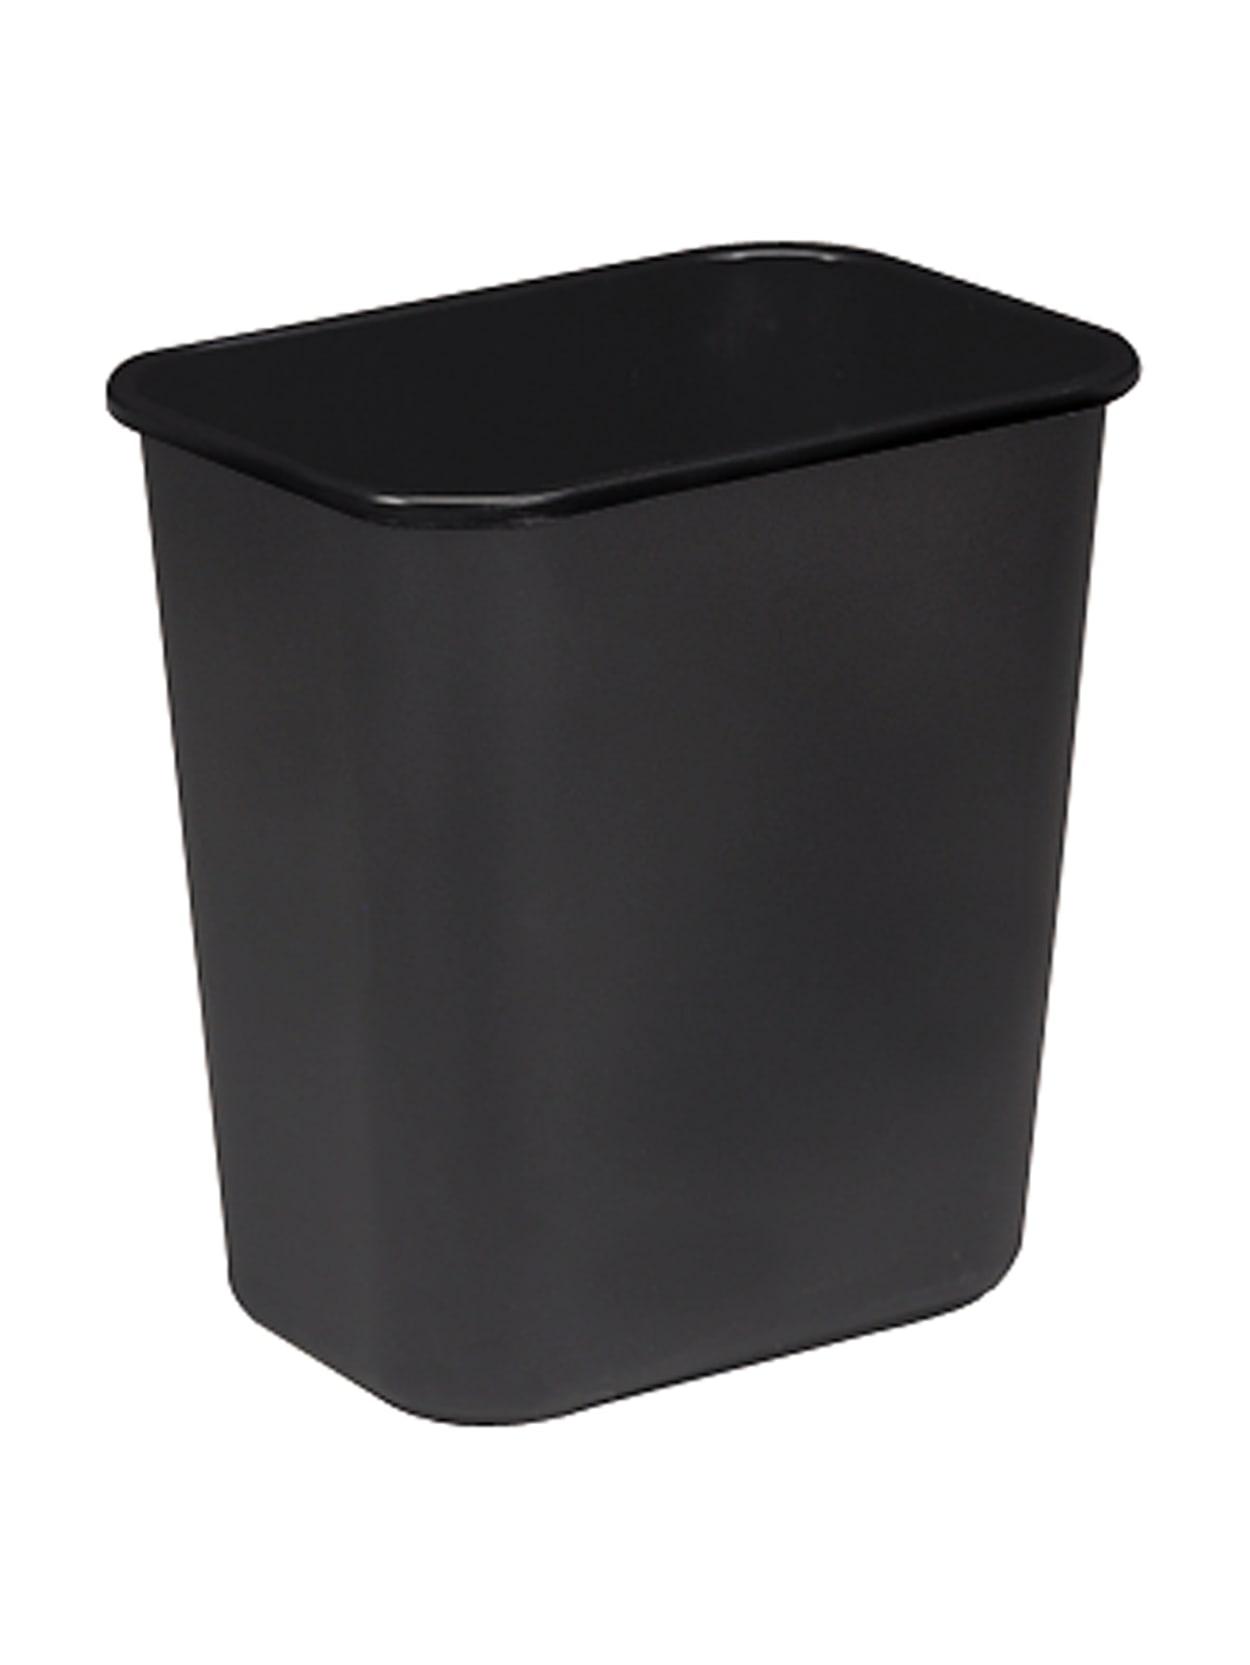 Black Wastebasket Sparco Rectangular 7 Gal